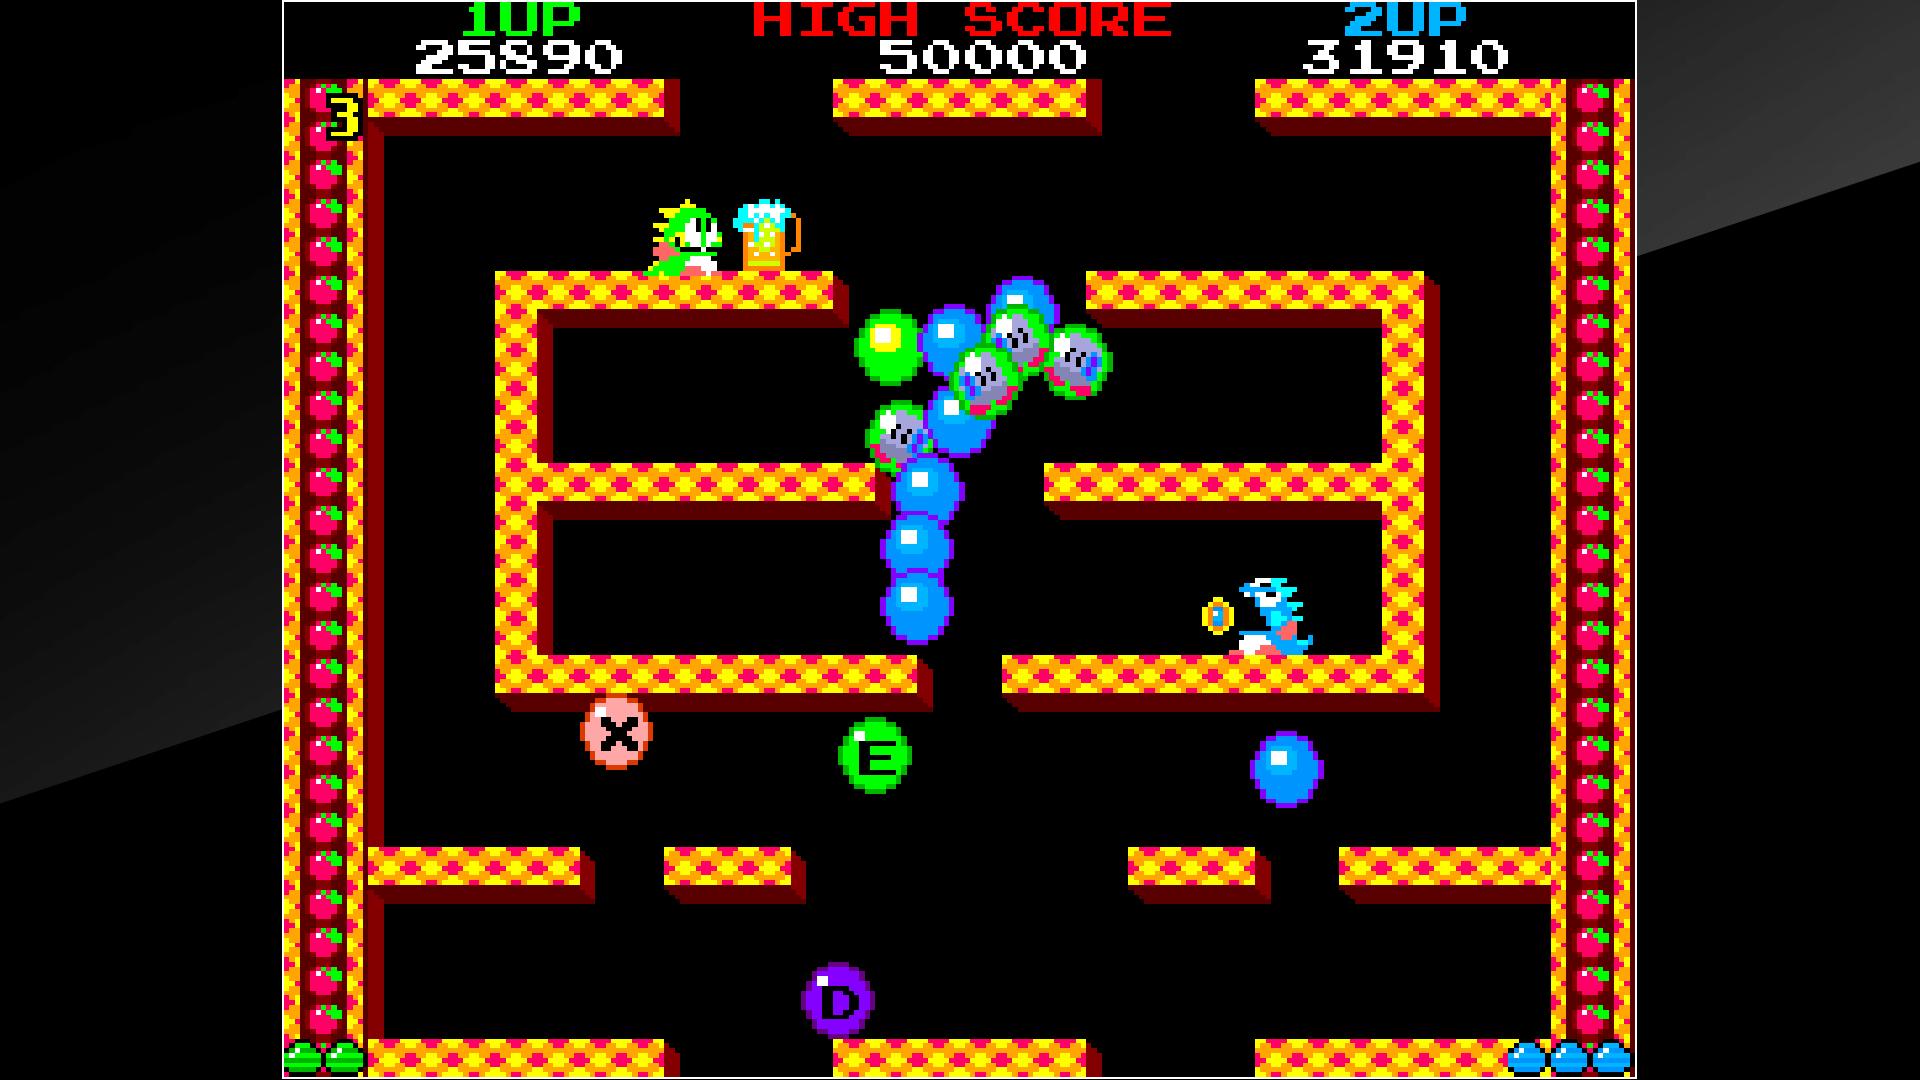 Puzze-Bobble: Bust-a-move tem uma jogabilidade diferente do jogo inspiração Bubble Bobble.